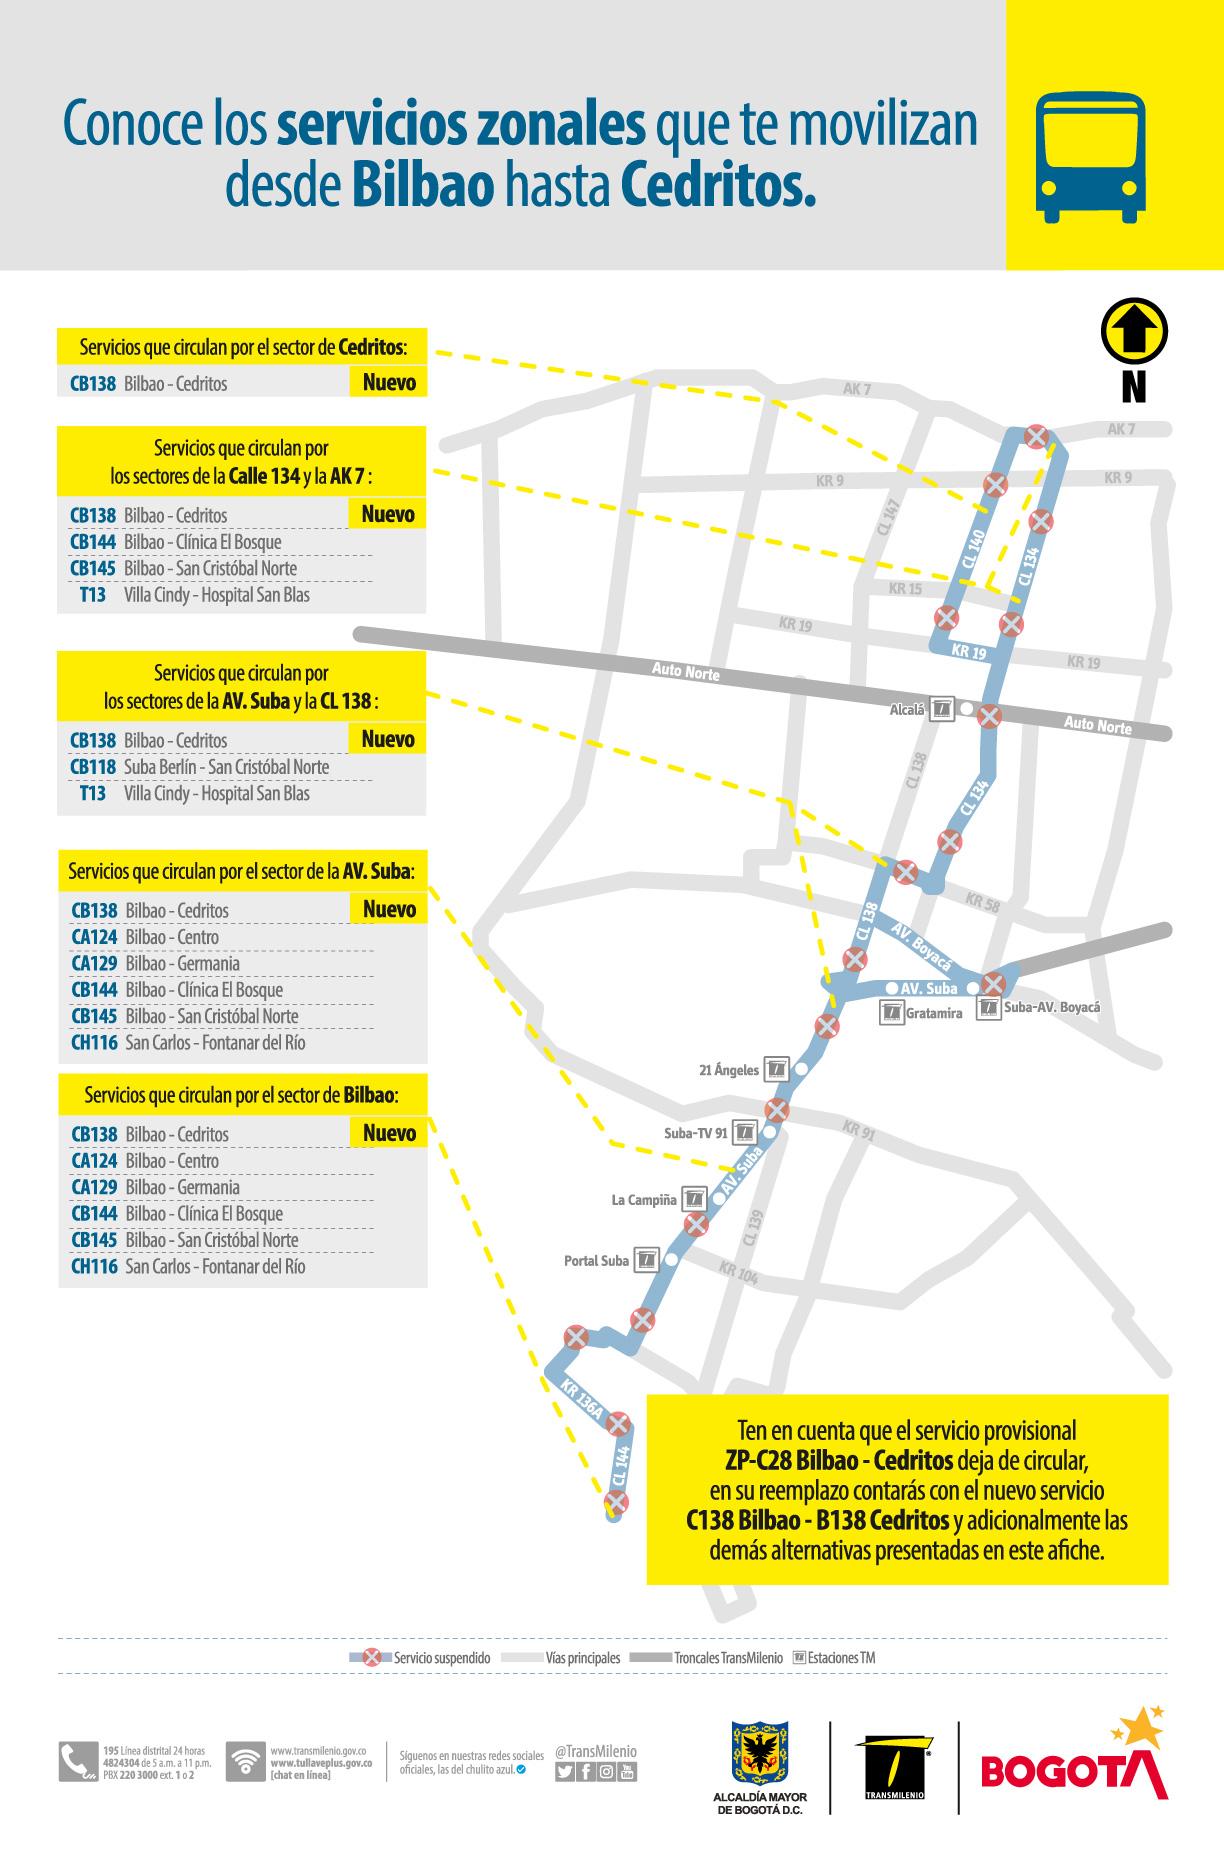 Rutas zonales que te moviliza desde el sector de Bilbao hasta Cedritos